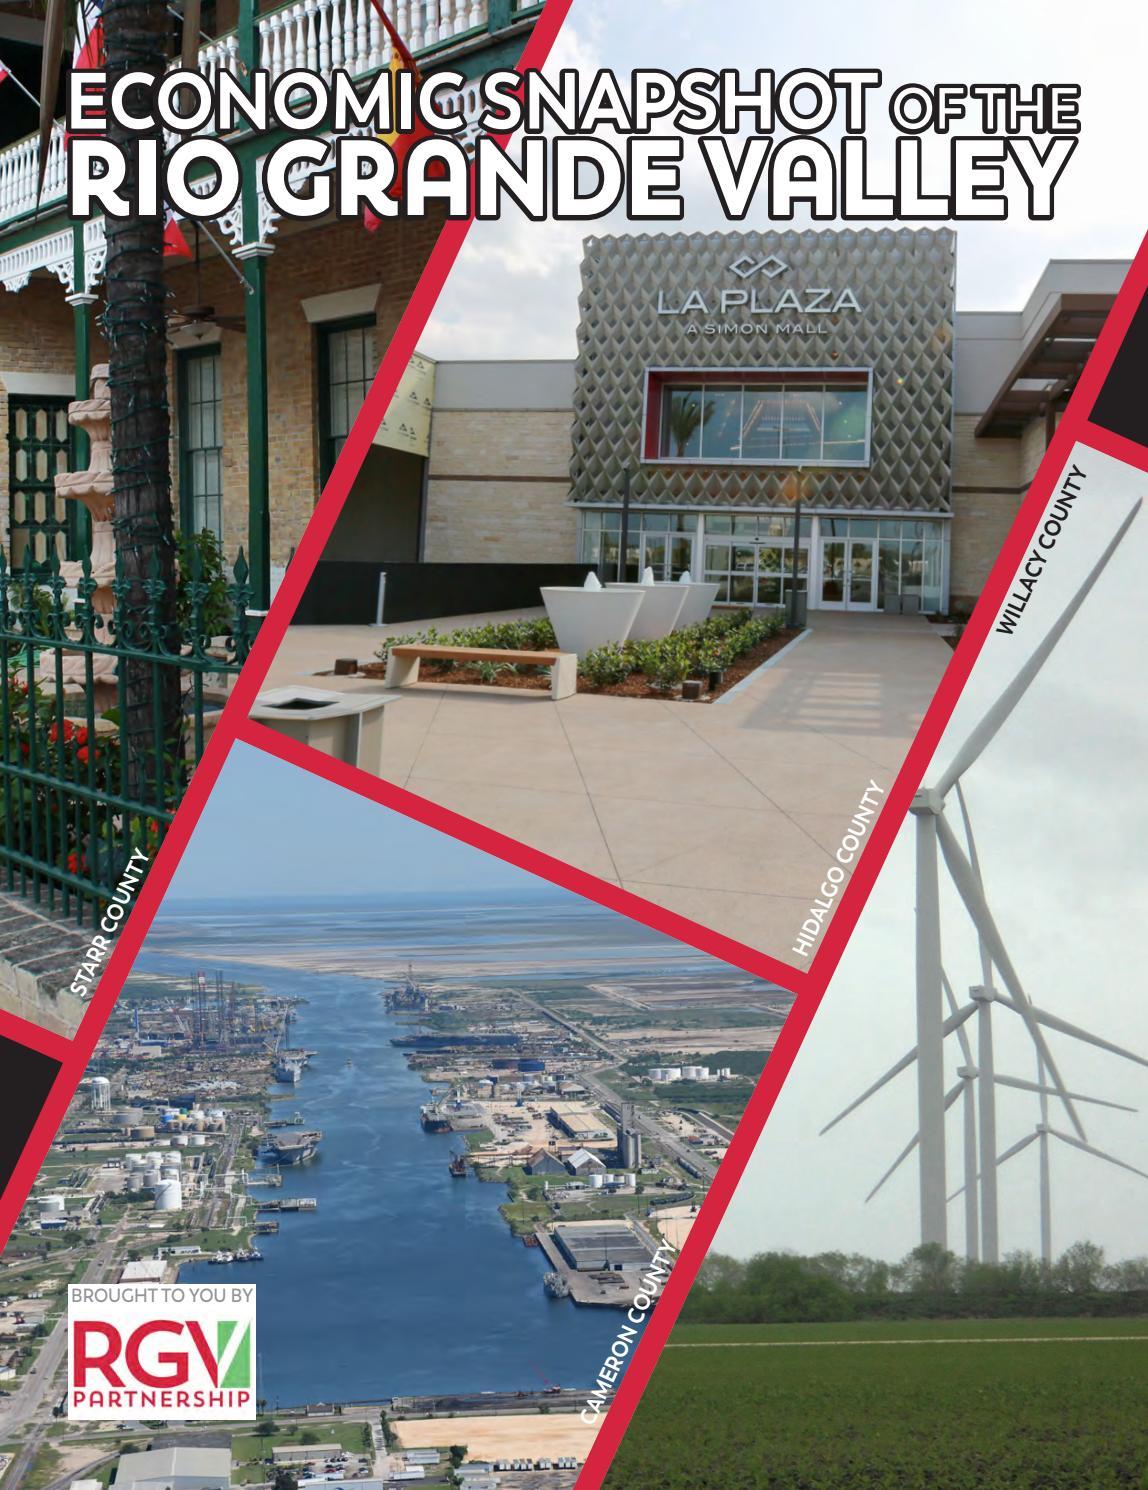 Healthgrades 50 Best Hospitals 2016: Economic Snapshot Of The Rio Grande Valley By Rio Grande